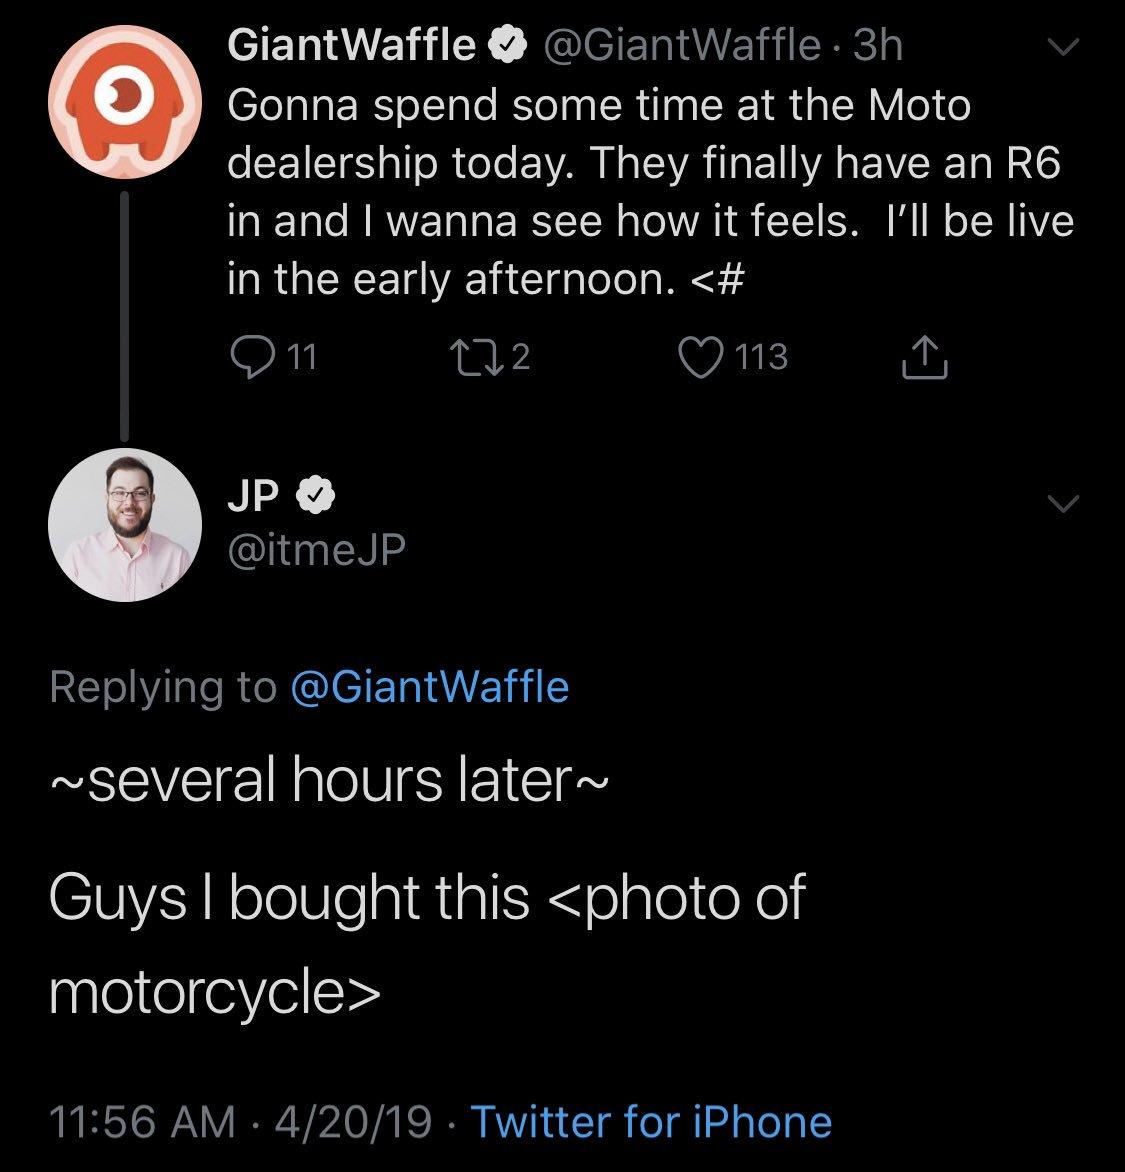 GiantWaffle on Twitter: